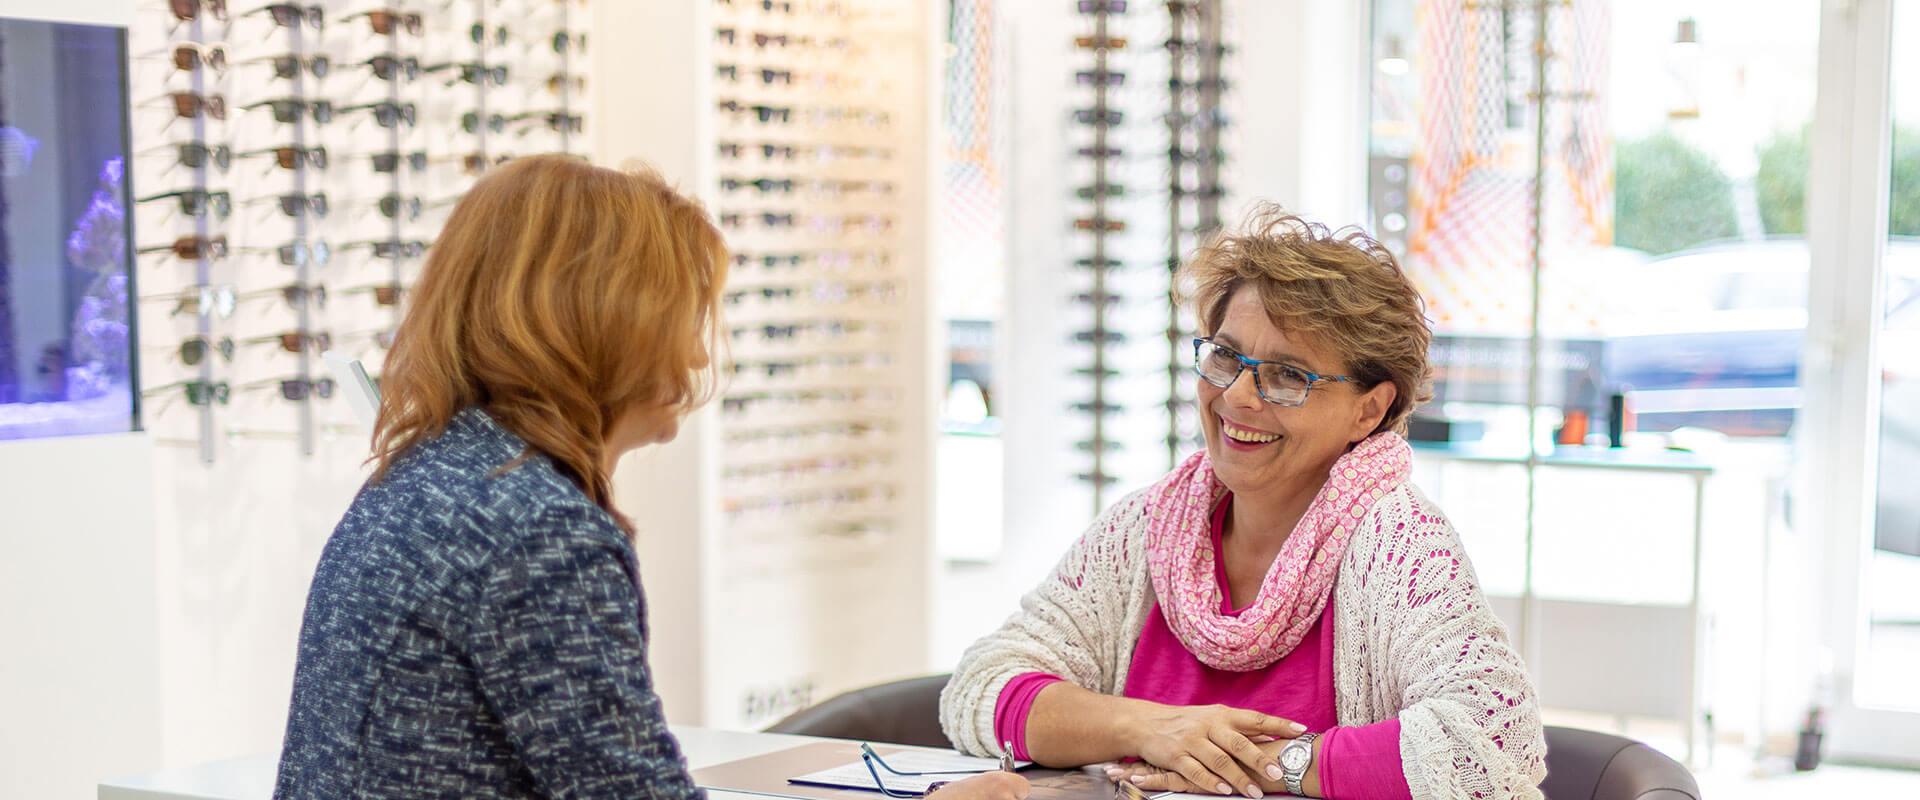 Weitmarer Brillenstudio |Sehzentrum für Augenoptik und Augenscreening